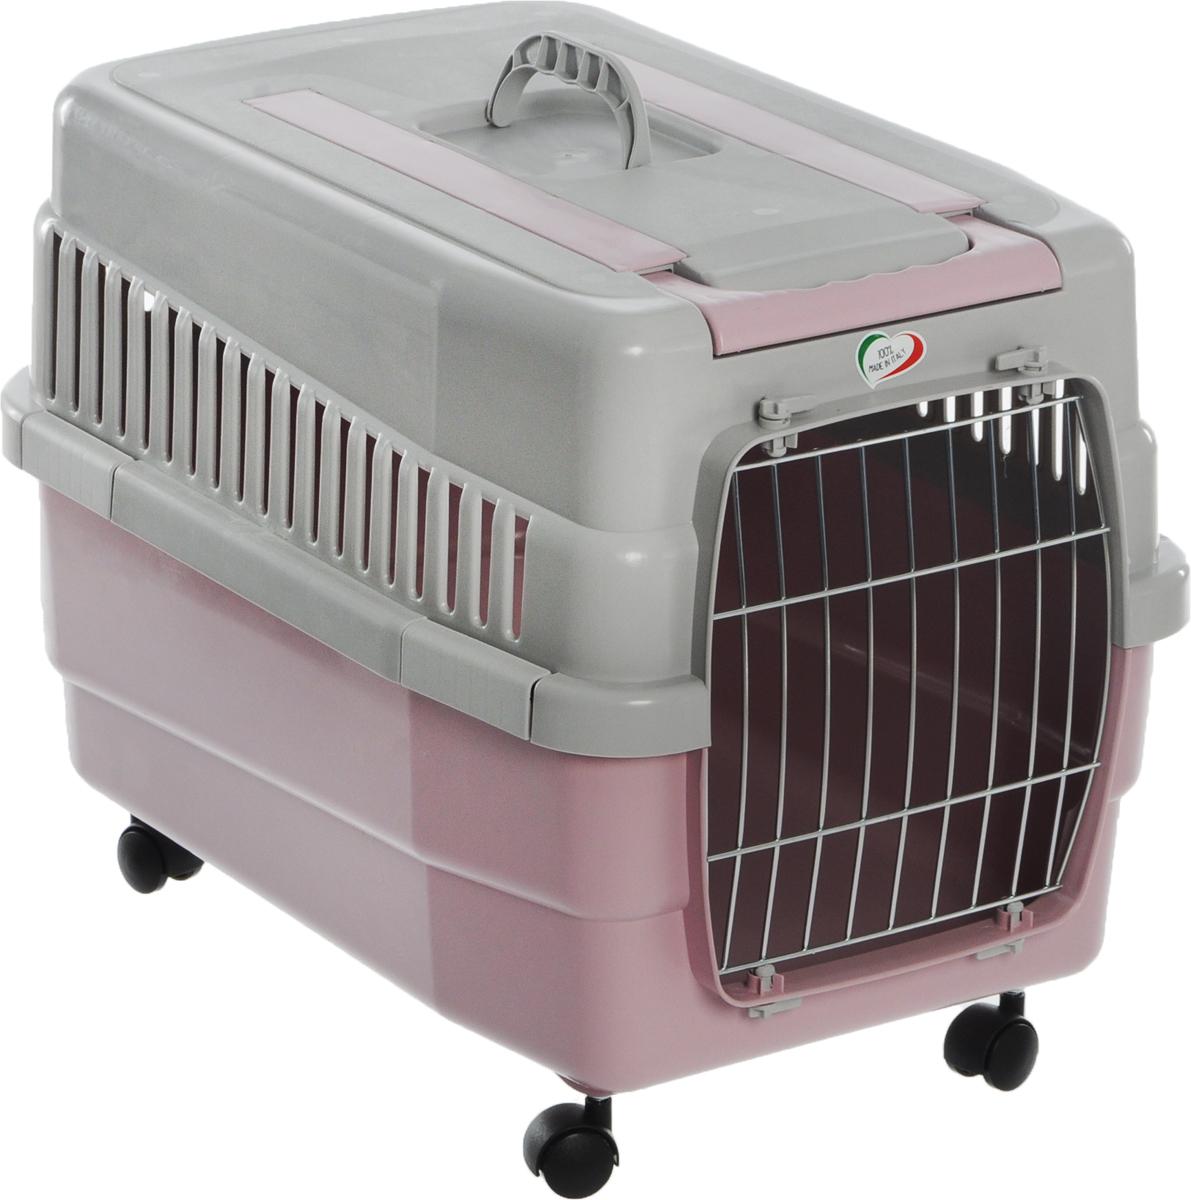 Переноска для животных IMAC Kim 60, на колесах, цвет: светло-серый, розовый, 60 х 40 х 45 см переноска для животных imac linus 50х32х34 5см коралловая